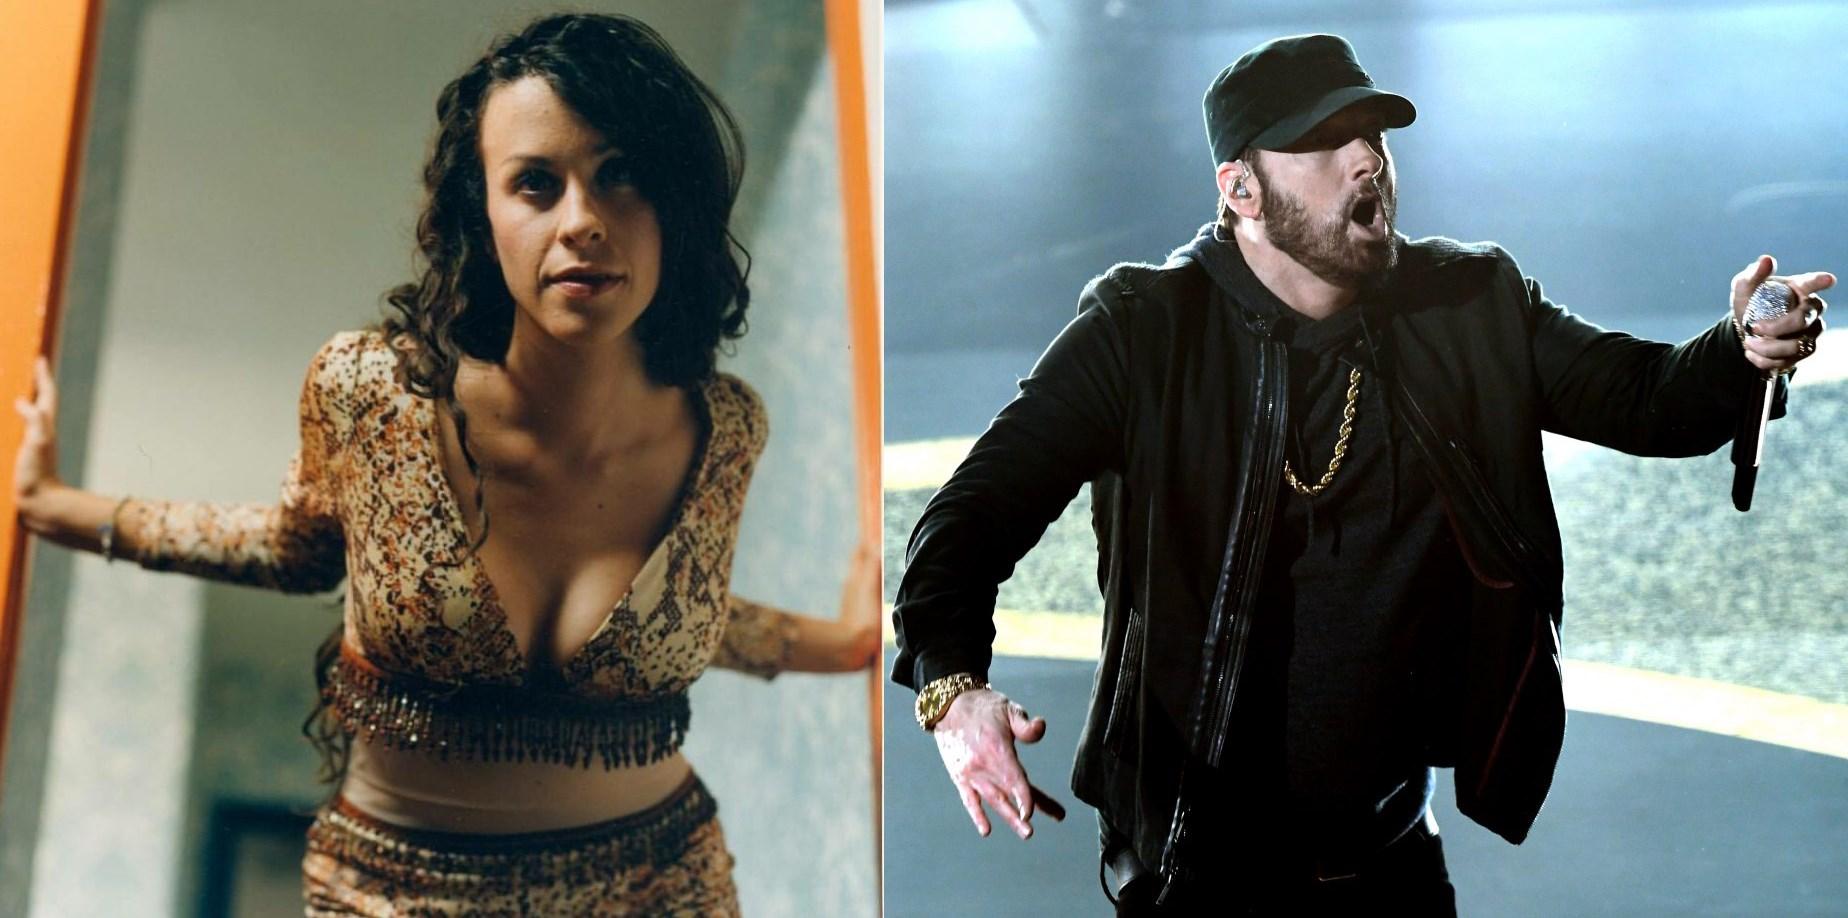 Alanis-Morissette-Eminem